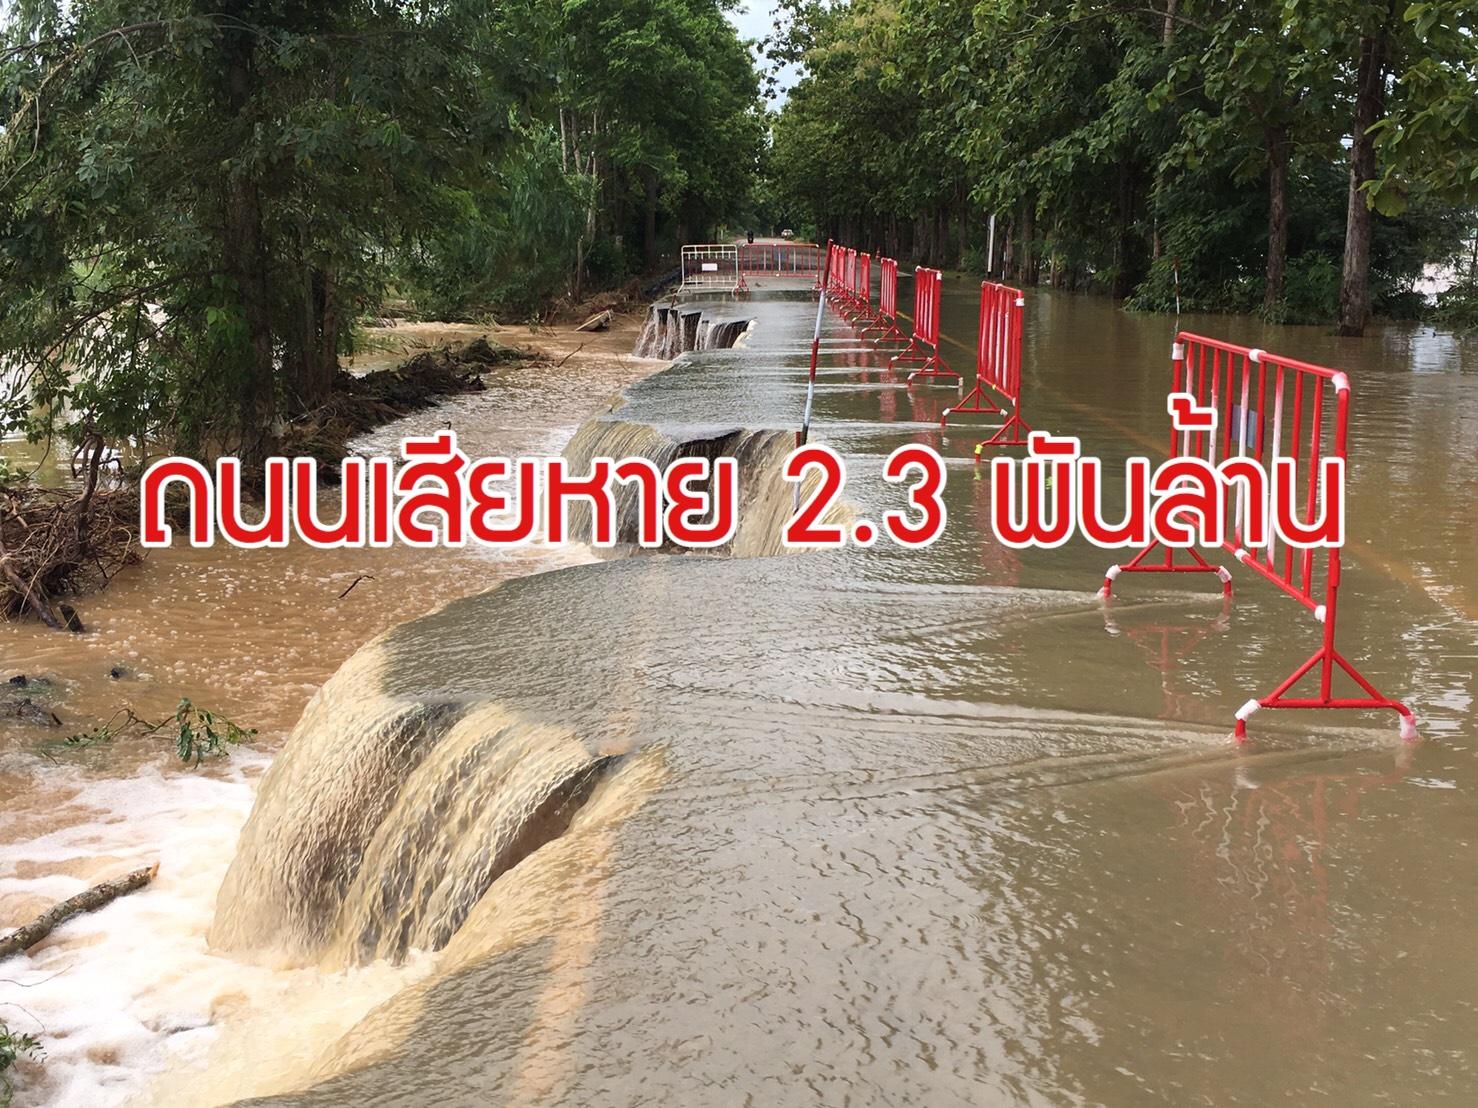 'ศักดิ์สยาม' วิดีโอคอนเฟอร์เรนซ์ตามสถานการณ์น้ำท่วม เผยความเสียหาย 2.3 พันล้าน สั่ง ทล.-ทช. ซ่อมถนนภายใน 7 วัน